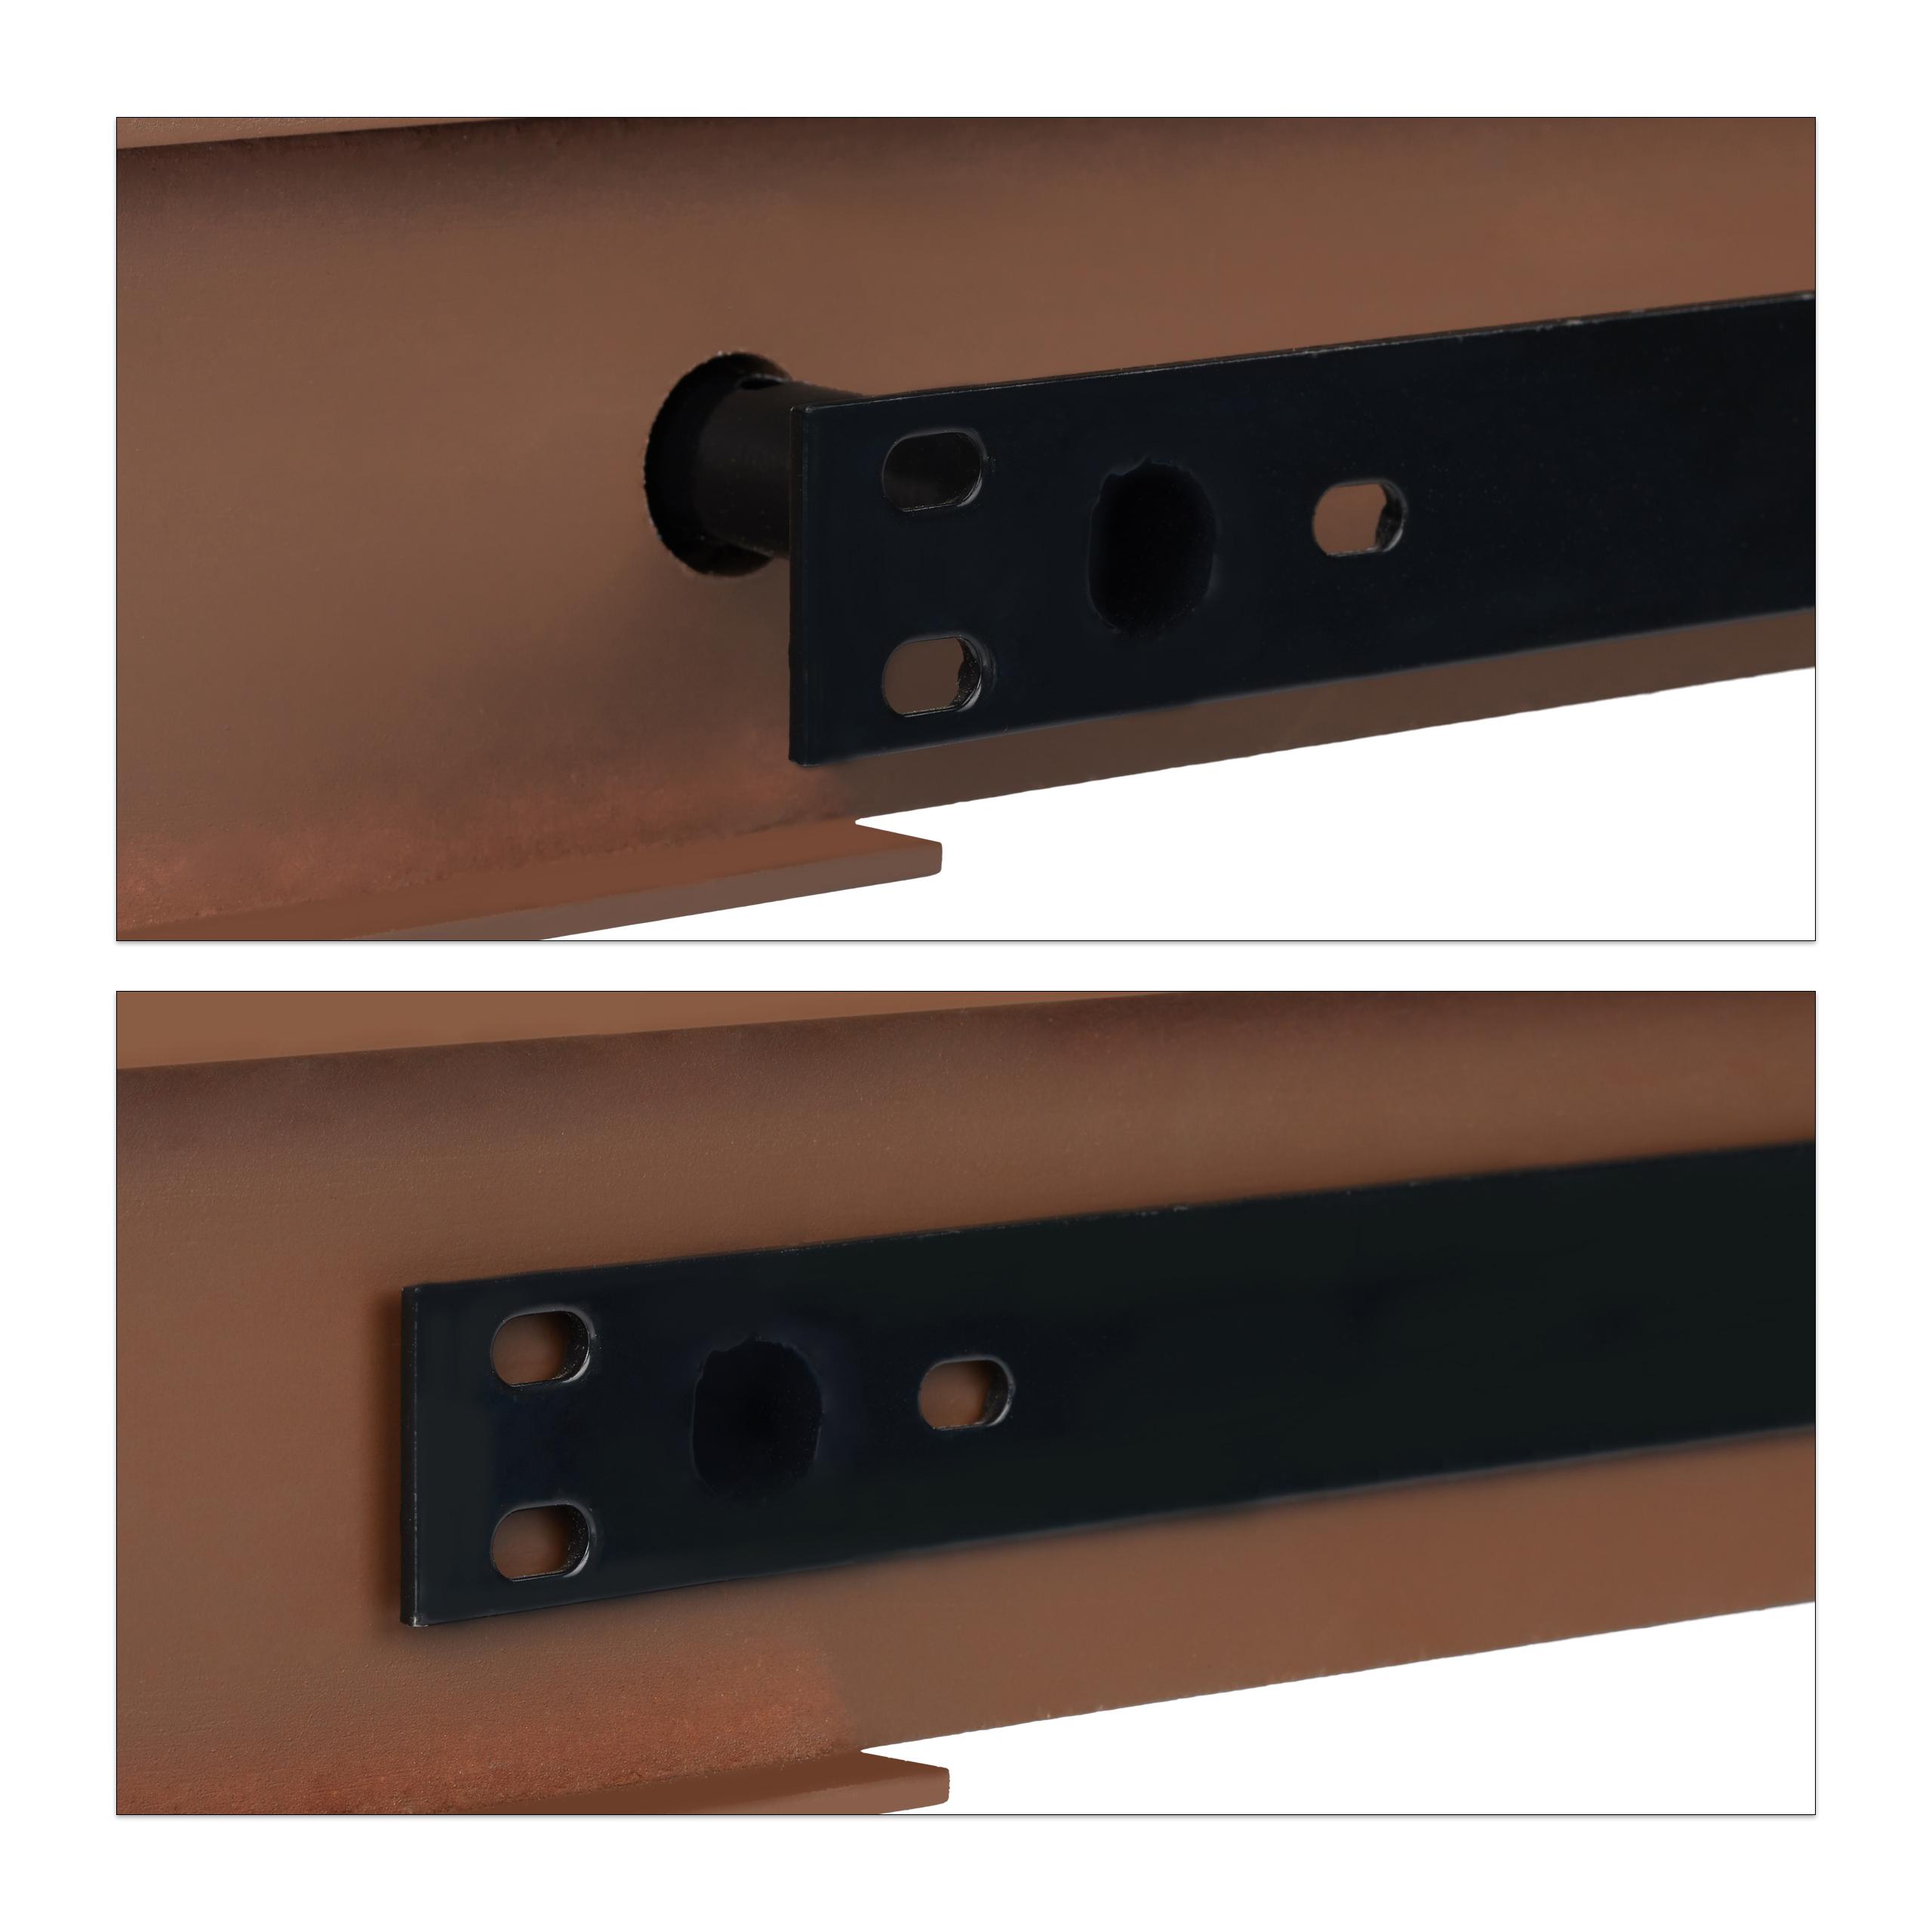 wandregal mit schublade freischwebend design deko. Black Bedroom Furniture Sets. Home Design Ideas